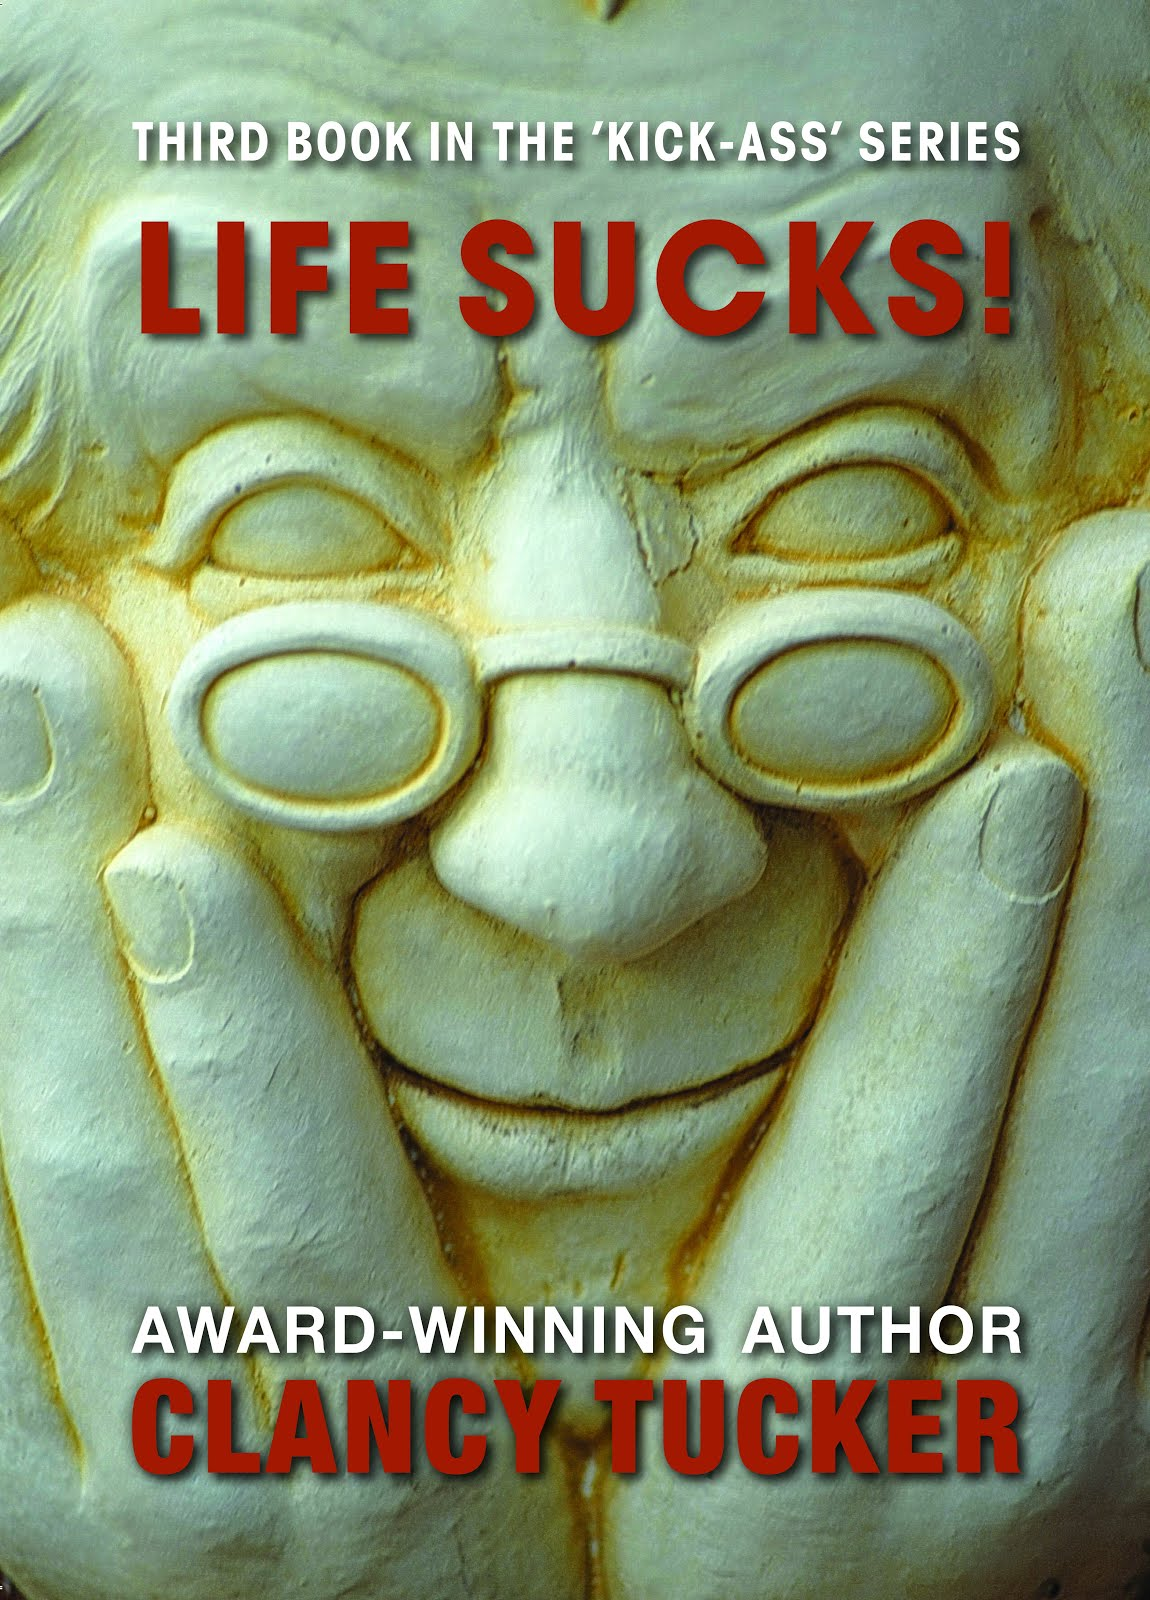 'LIFE SUCKS!' IN AUSTRALIA